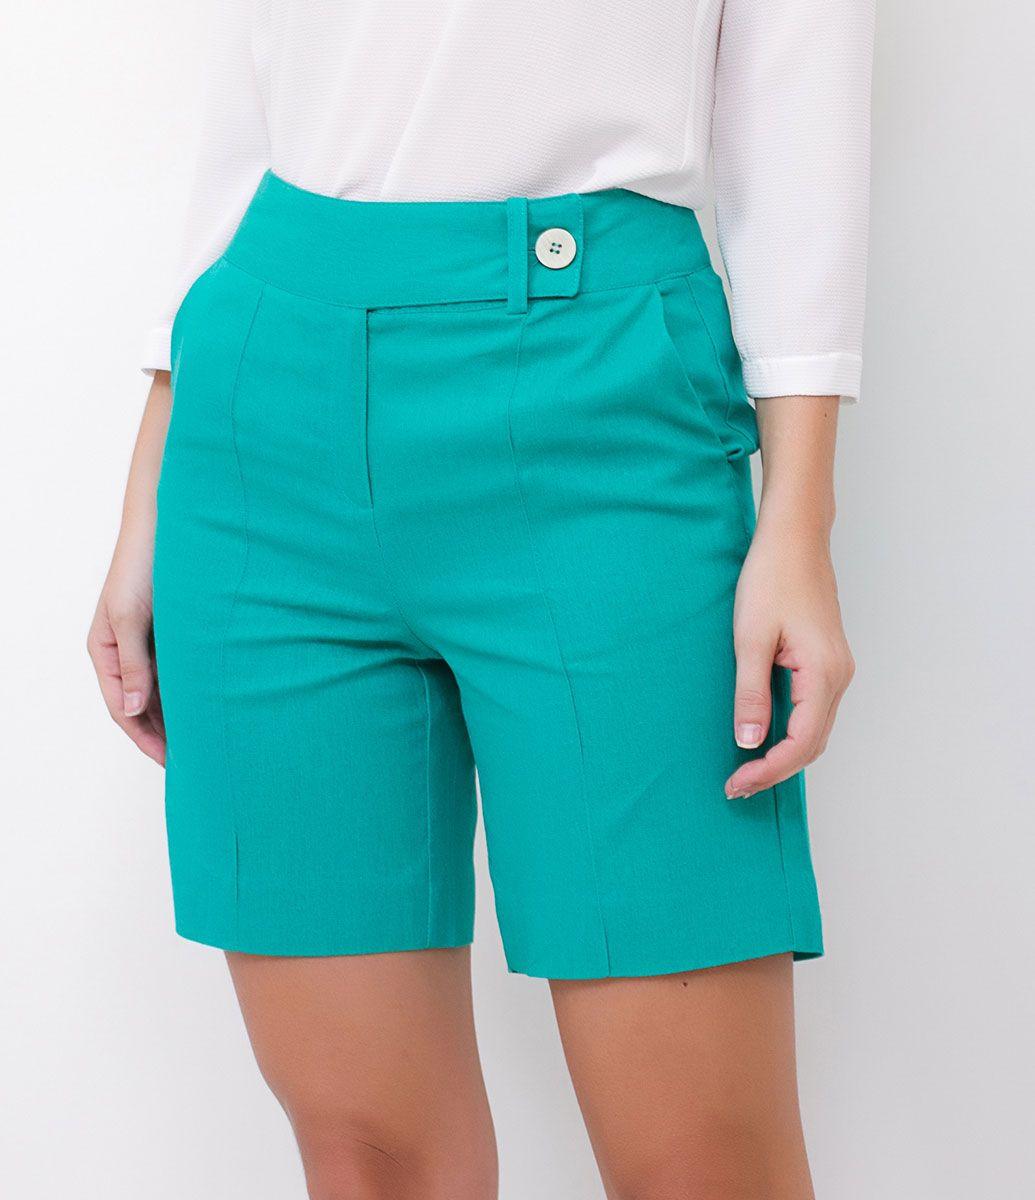 e57f057124 Bermuda feminina Cós Transpassado Marca  Cortelle Tecido  linho Modelo  veste tamanho  36 Medidas